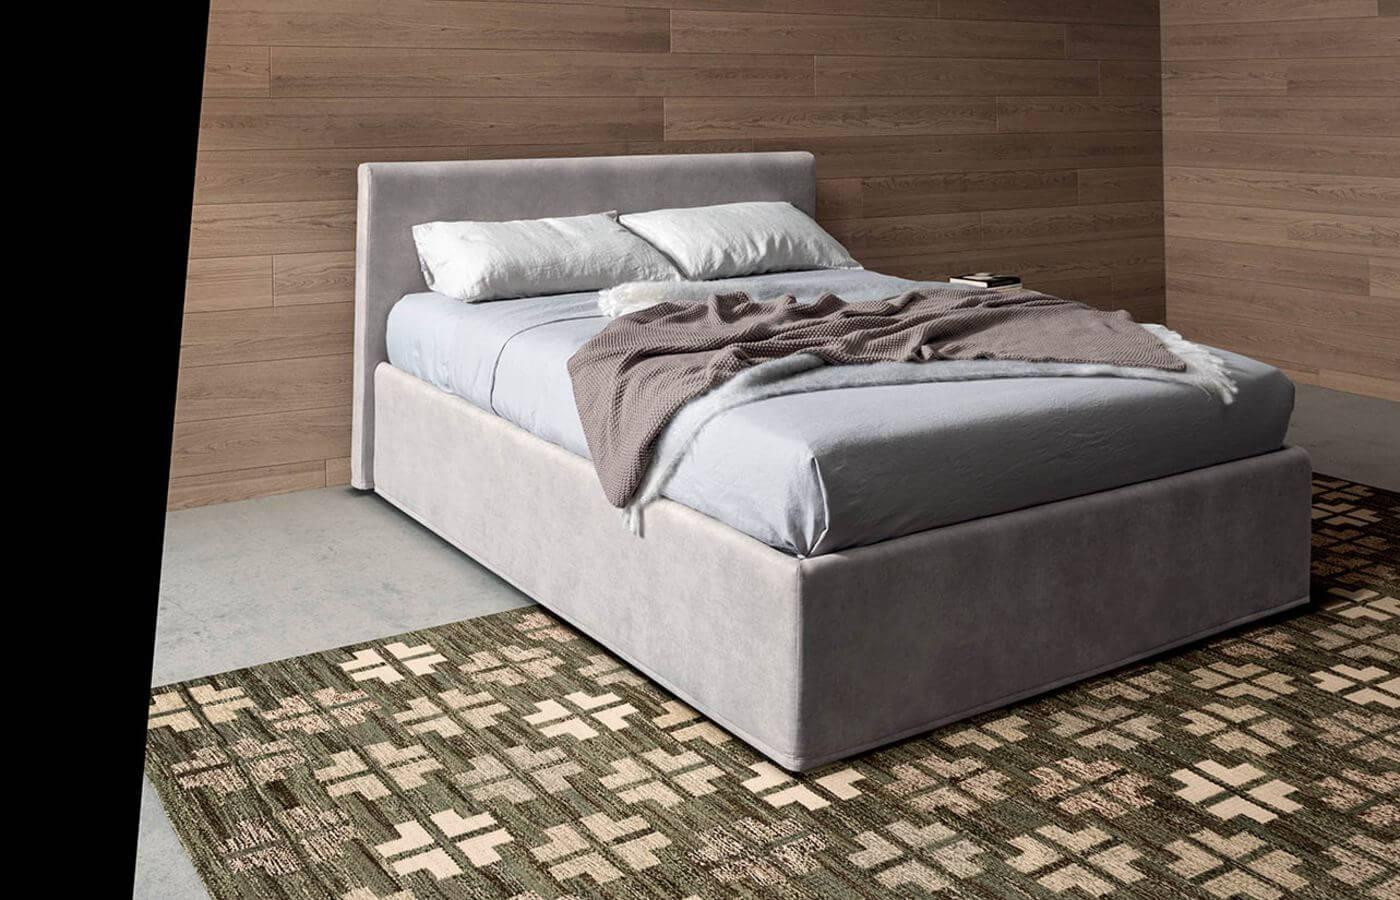 zona-notte-letto-collezione-perla-il-mobile (2)